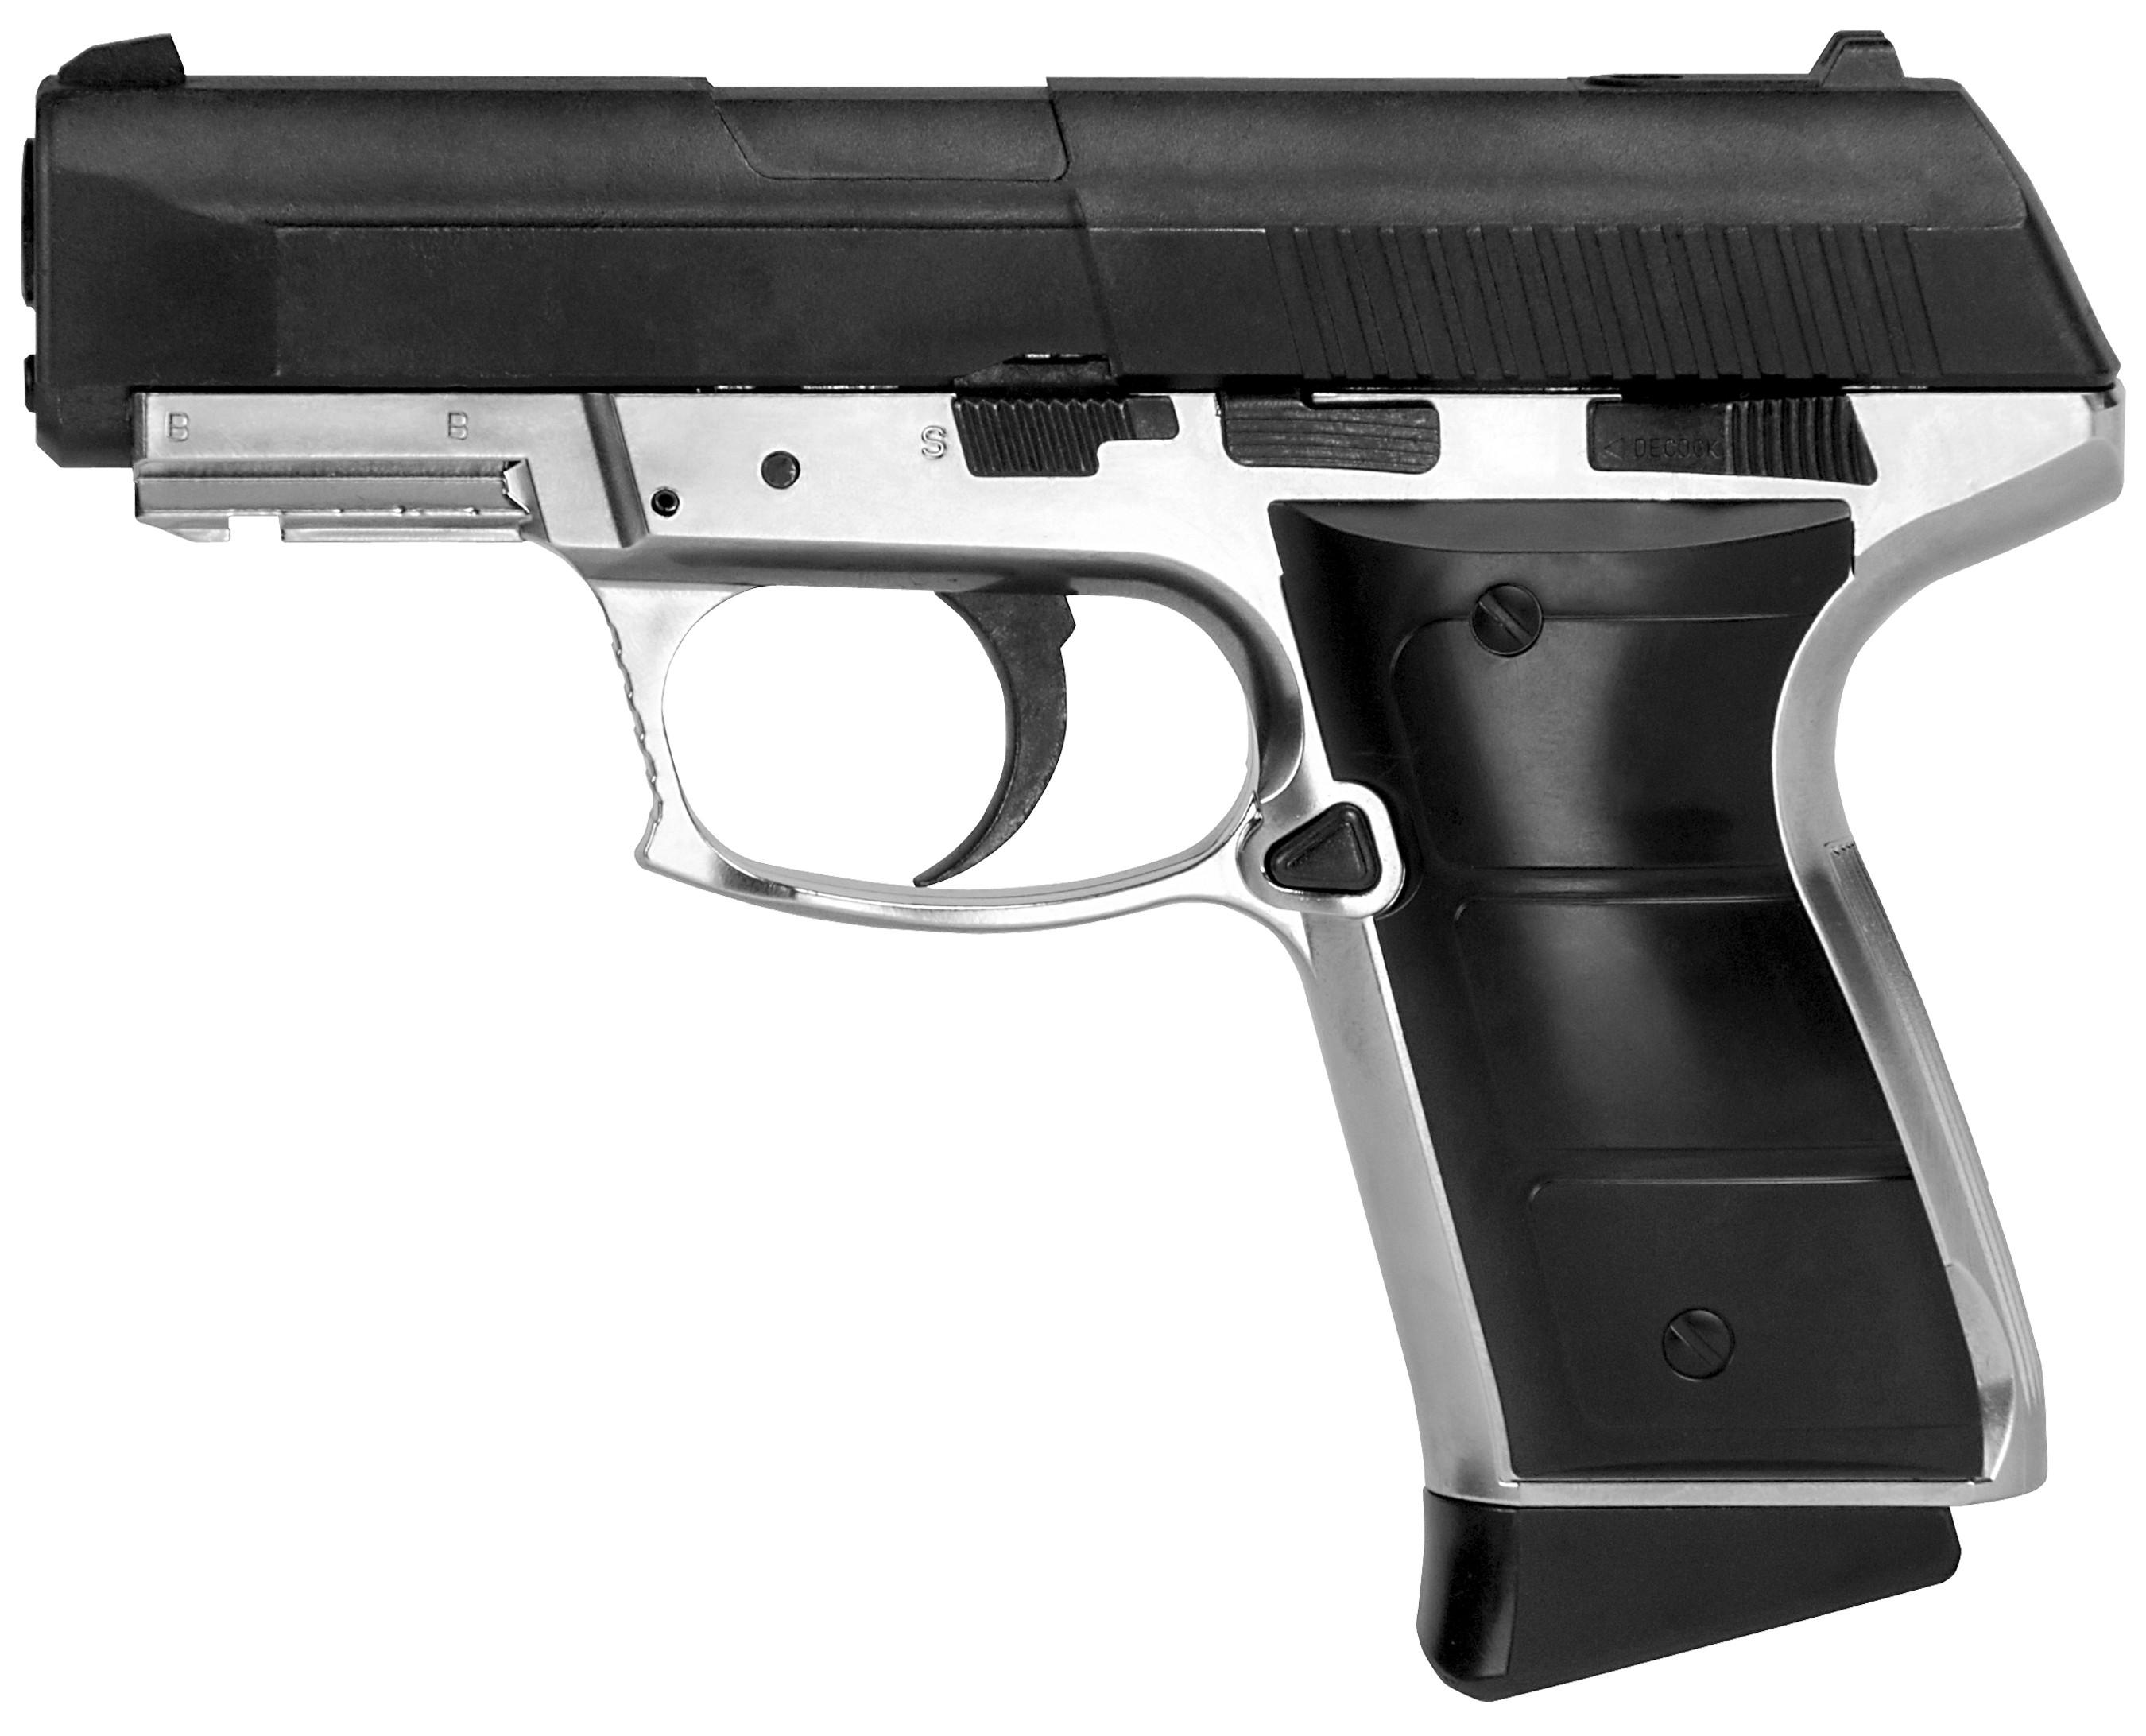 Pistola CO2 Daisy 5501 BlowBack